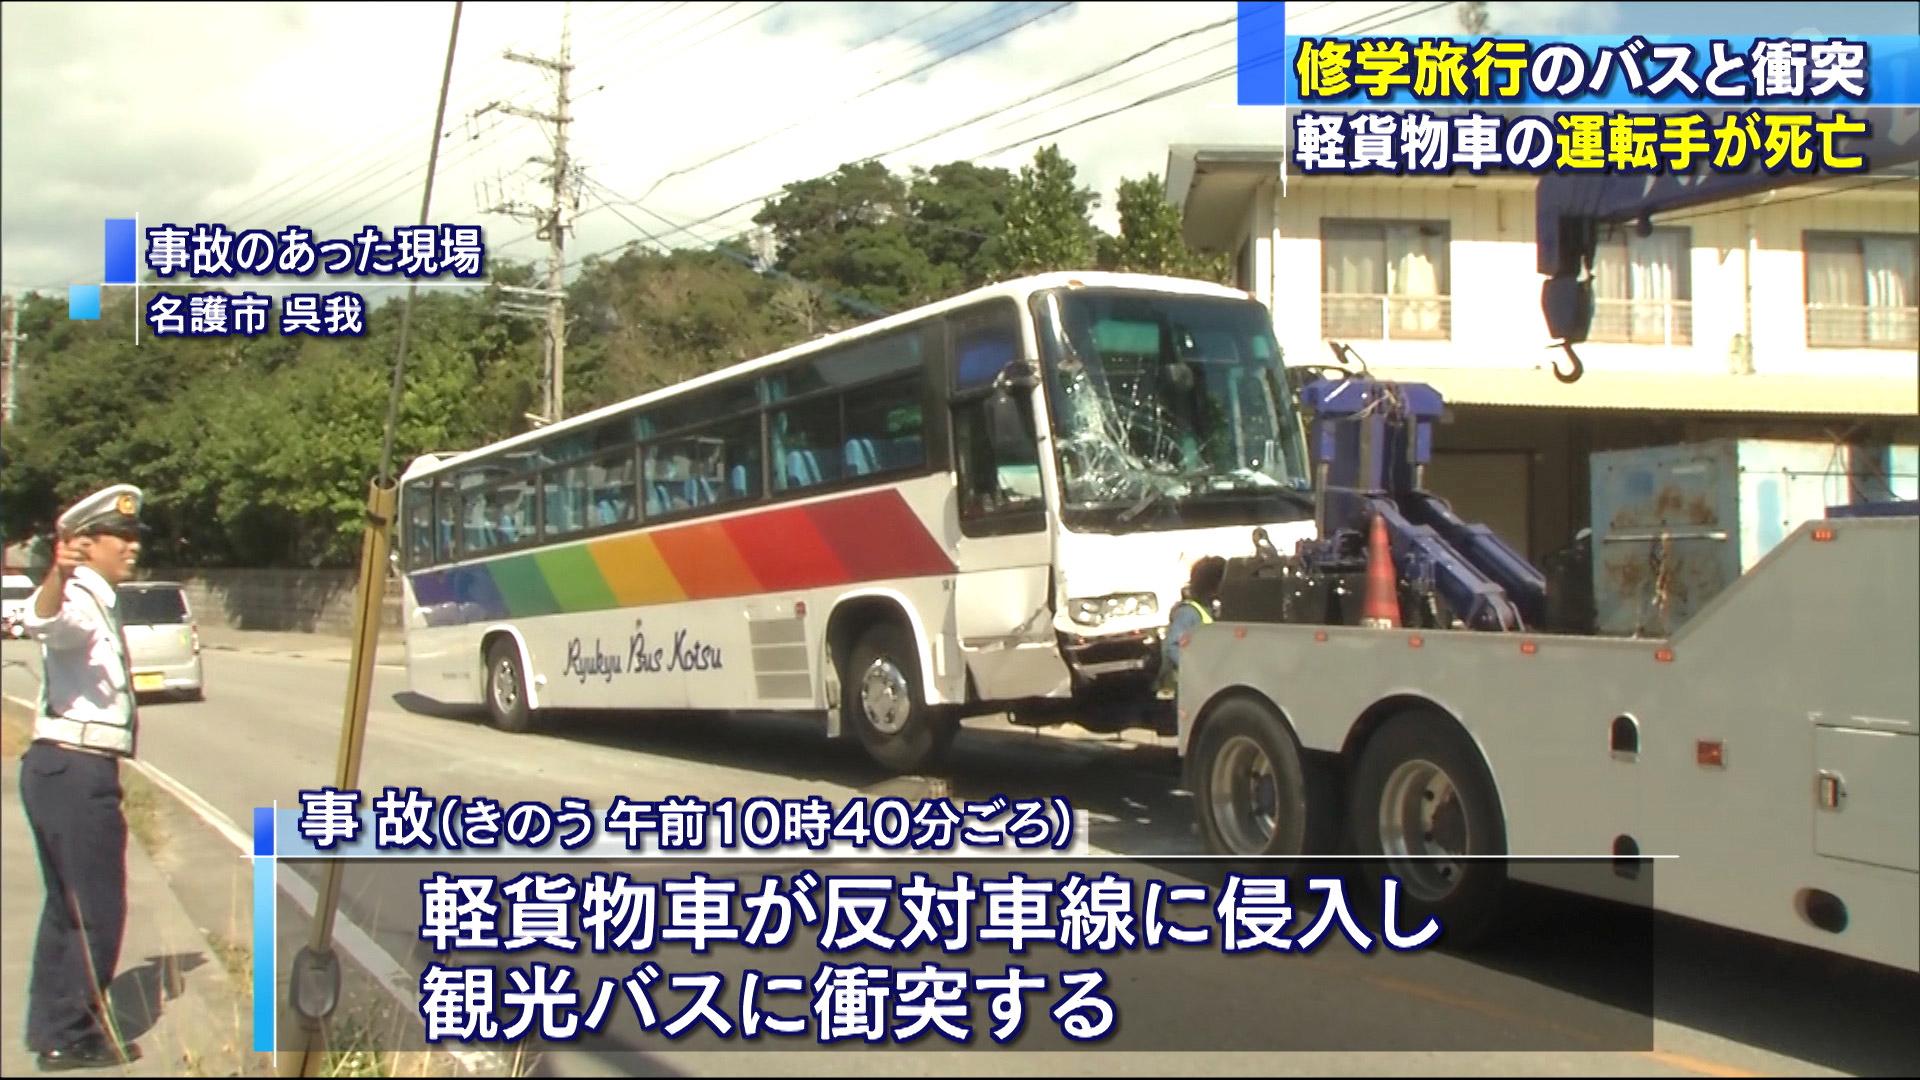 名護市で軽貨物車と観光バスの交通事故